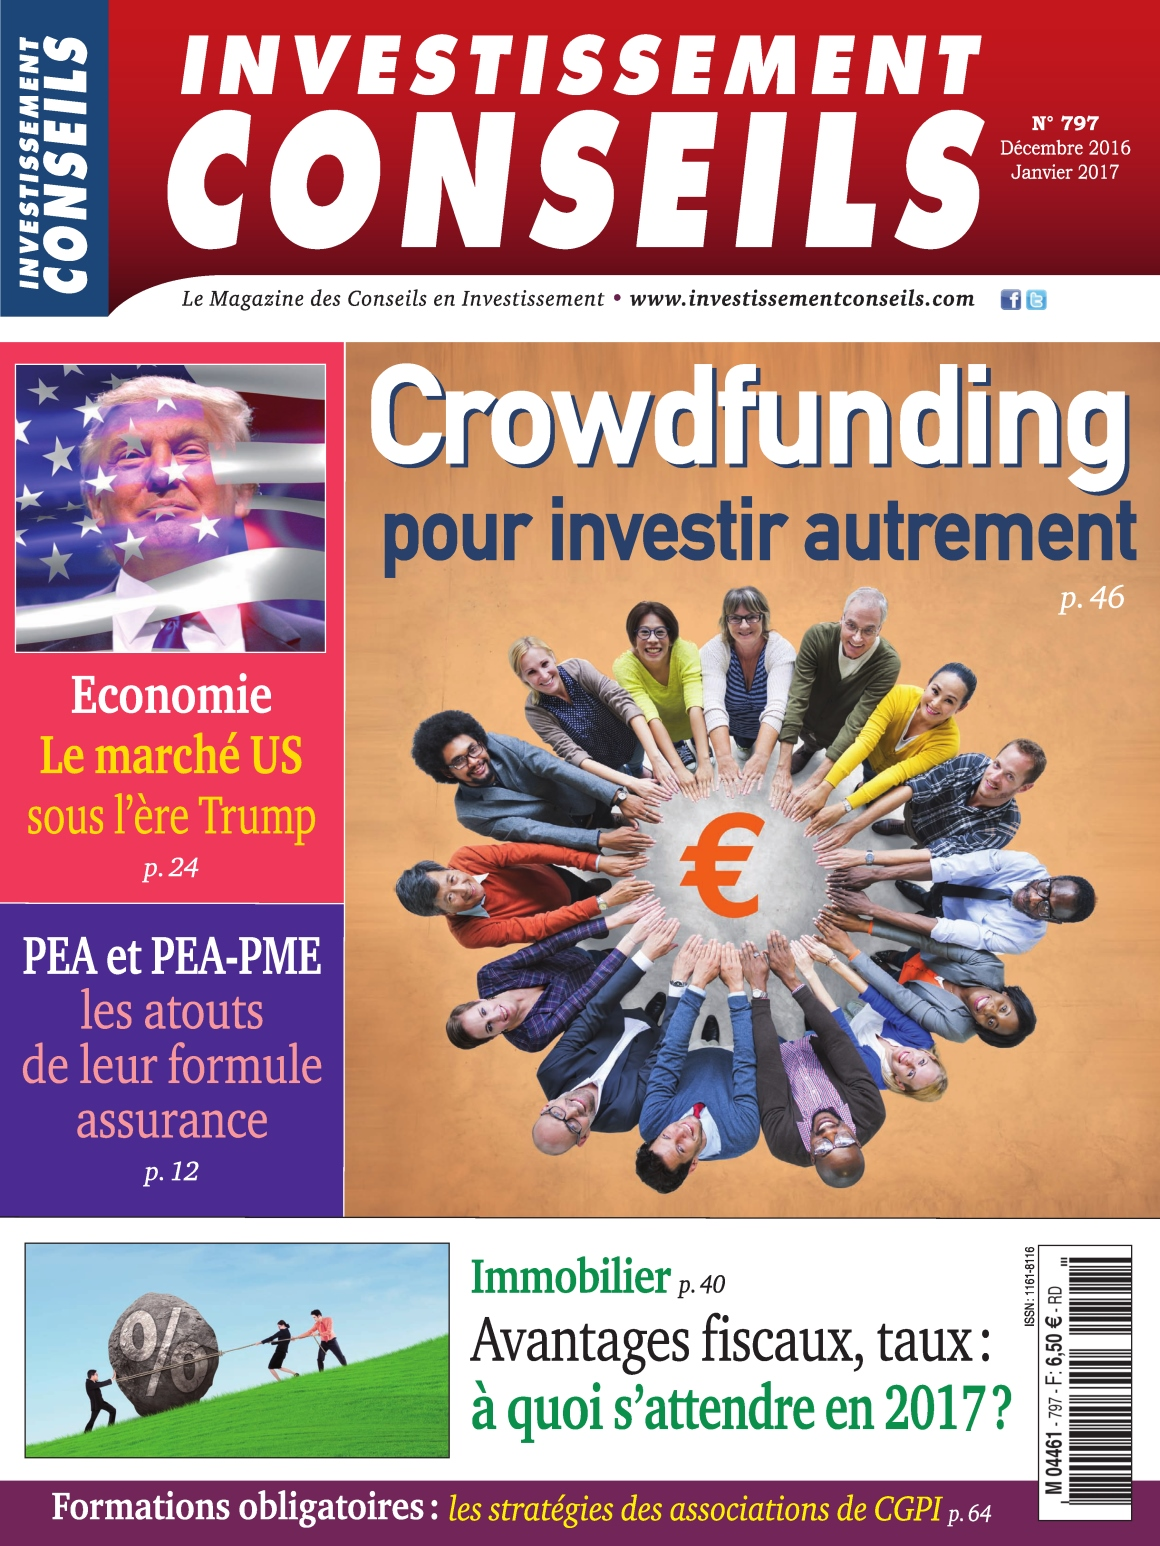 Investissement Conseils 797 - Décembre 2016/Janvier 2017